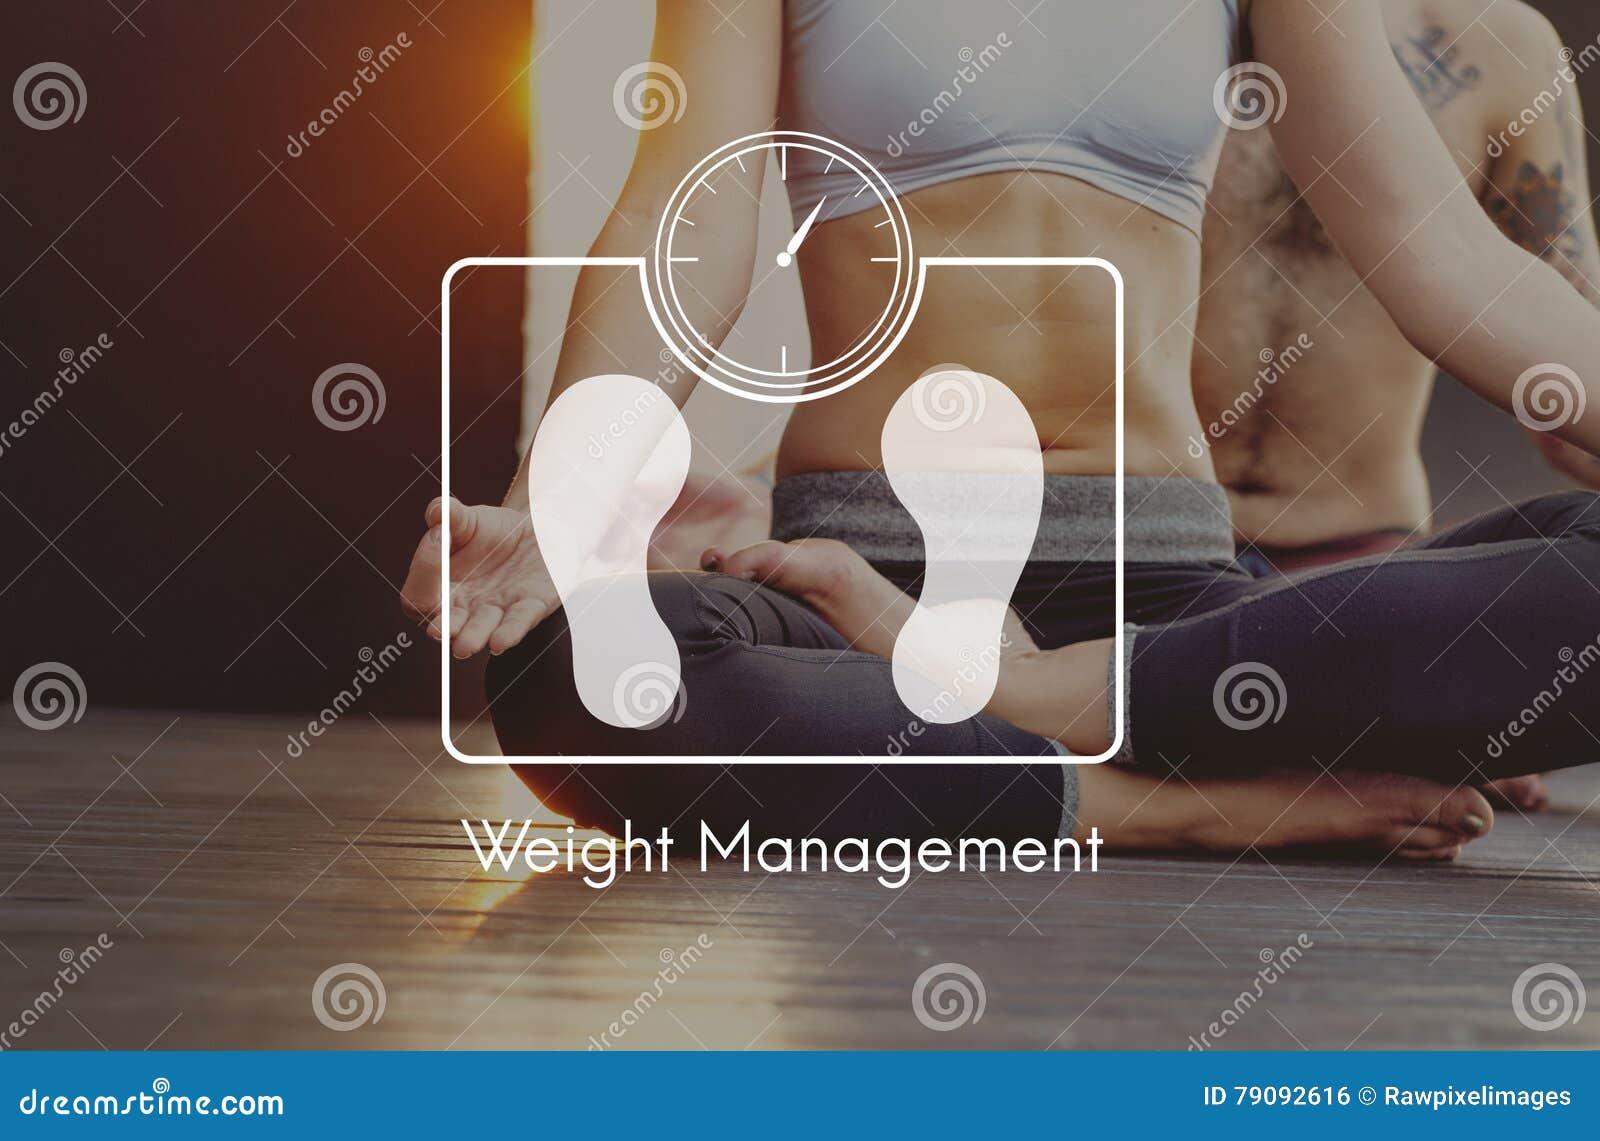 Έννοια υγειονομικής περίθαλψης ικανότητας διοικητικής άσκησης βάρους